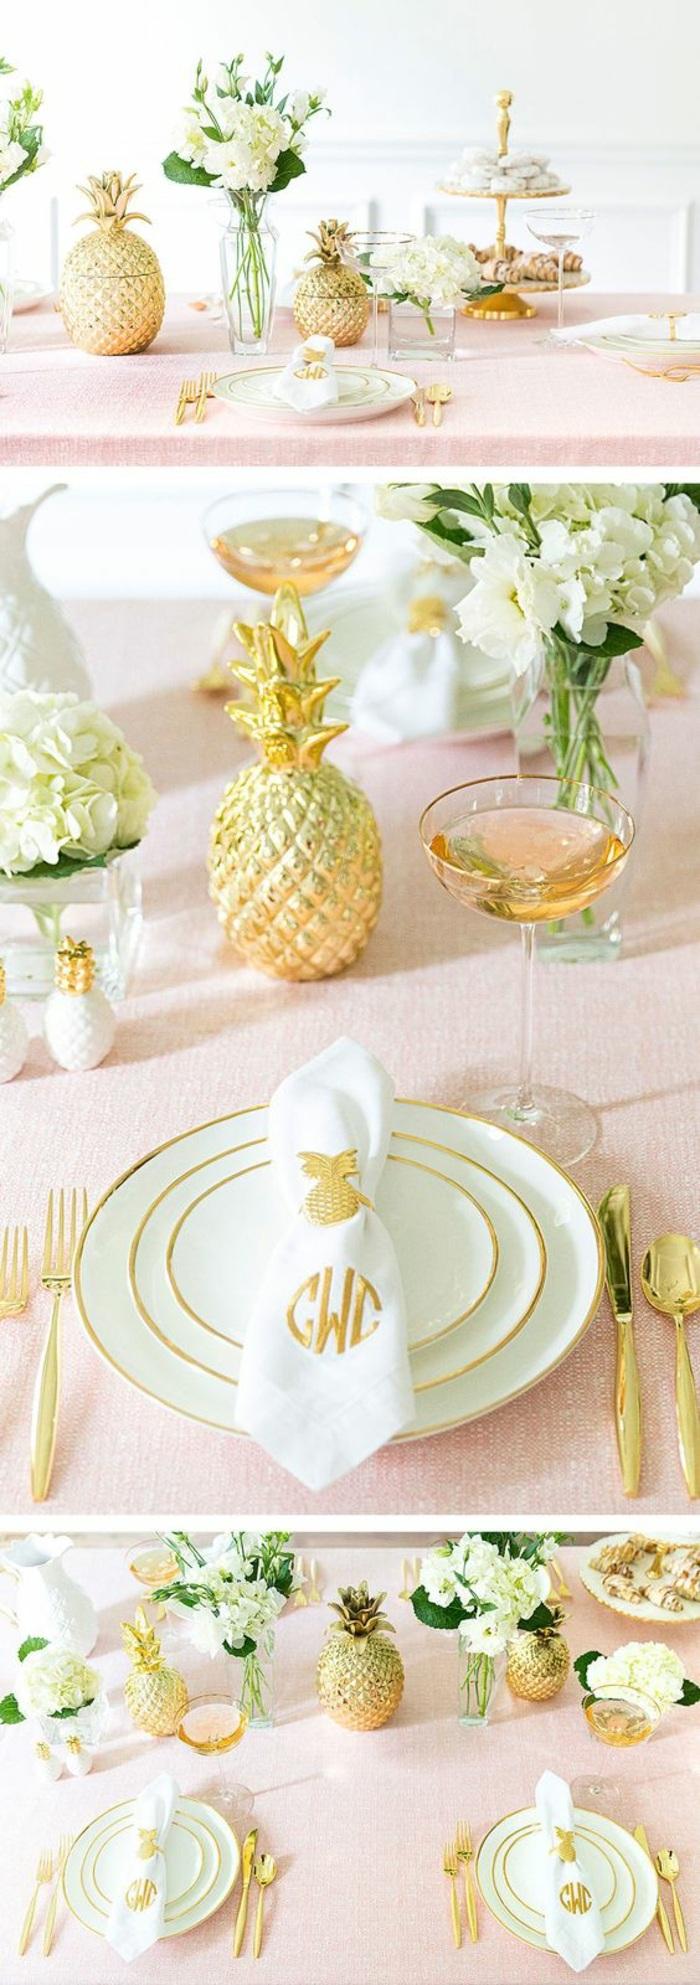 festliche tischdeko, tischdekoration in rosa, weiß und gold, ananas, goldenes besteck